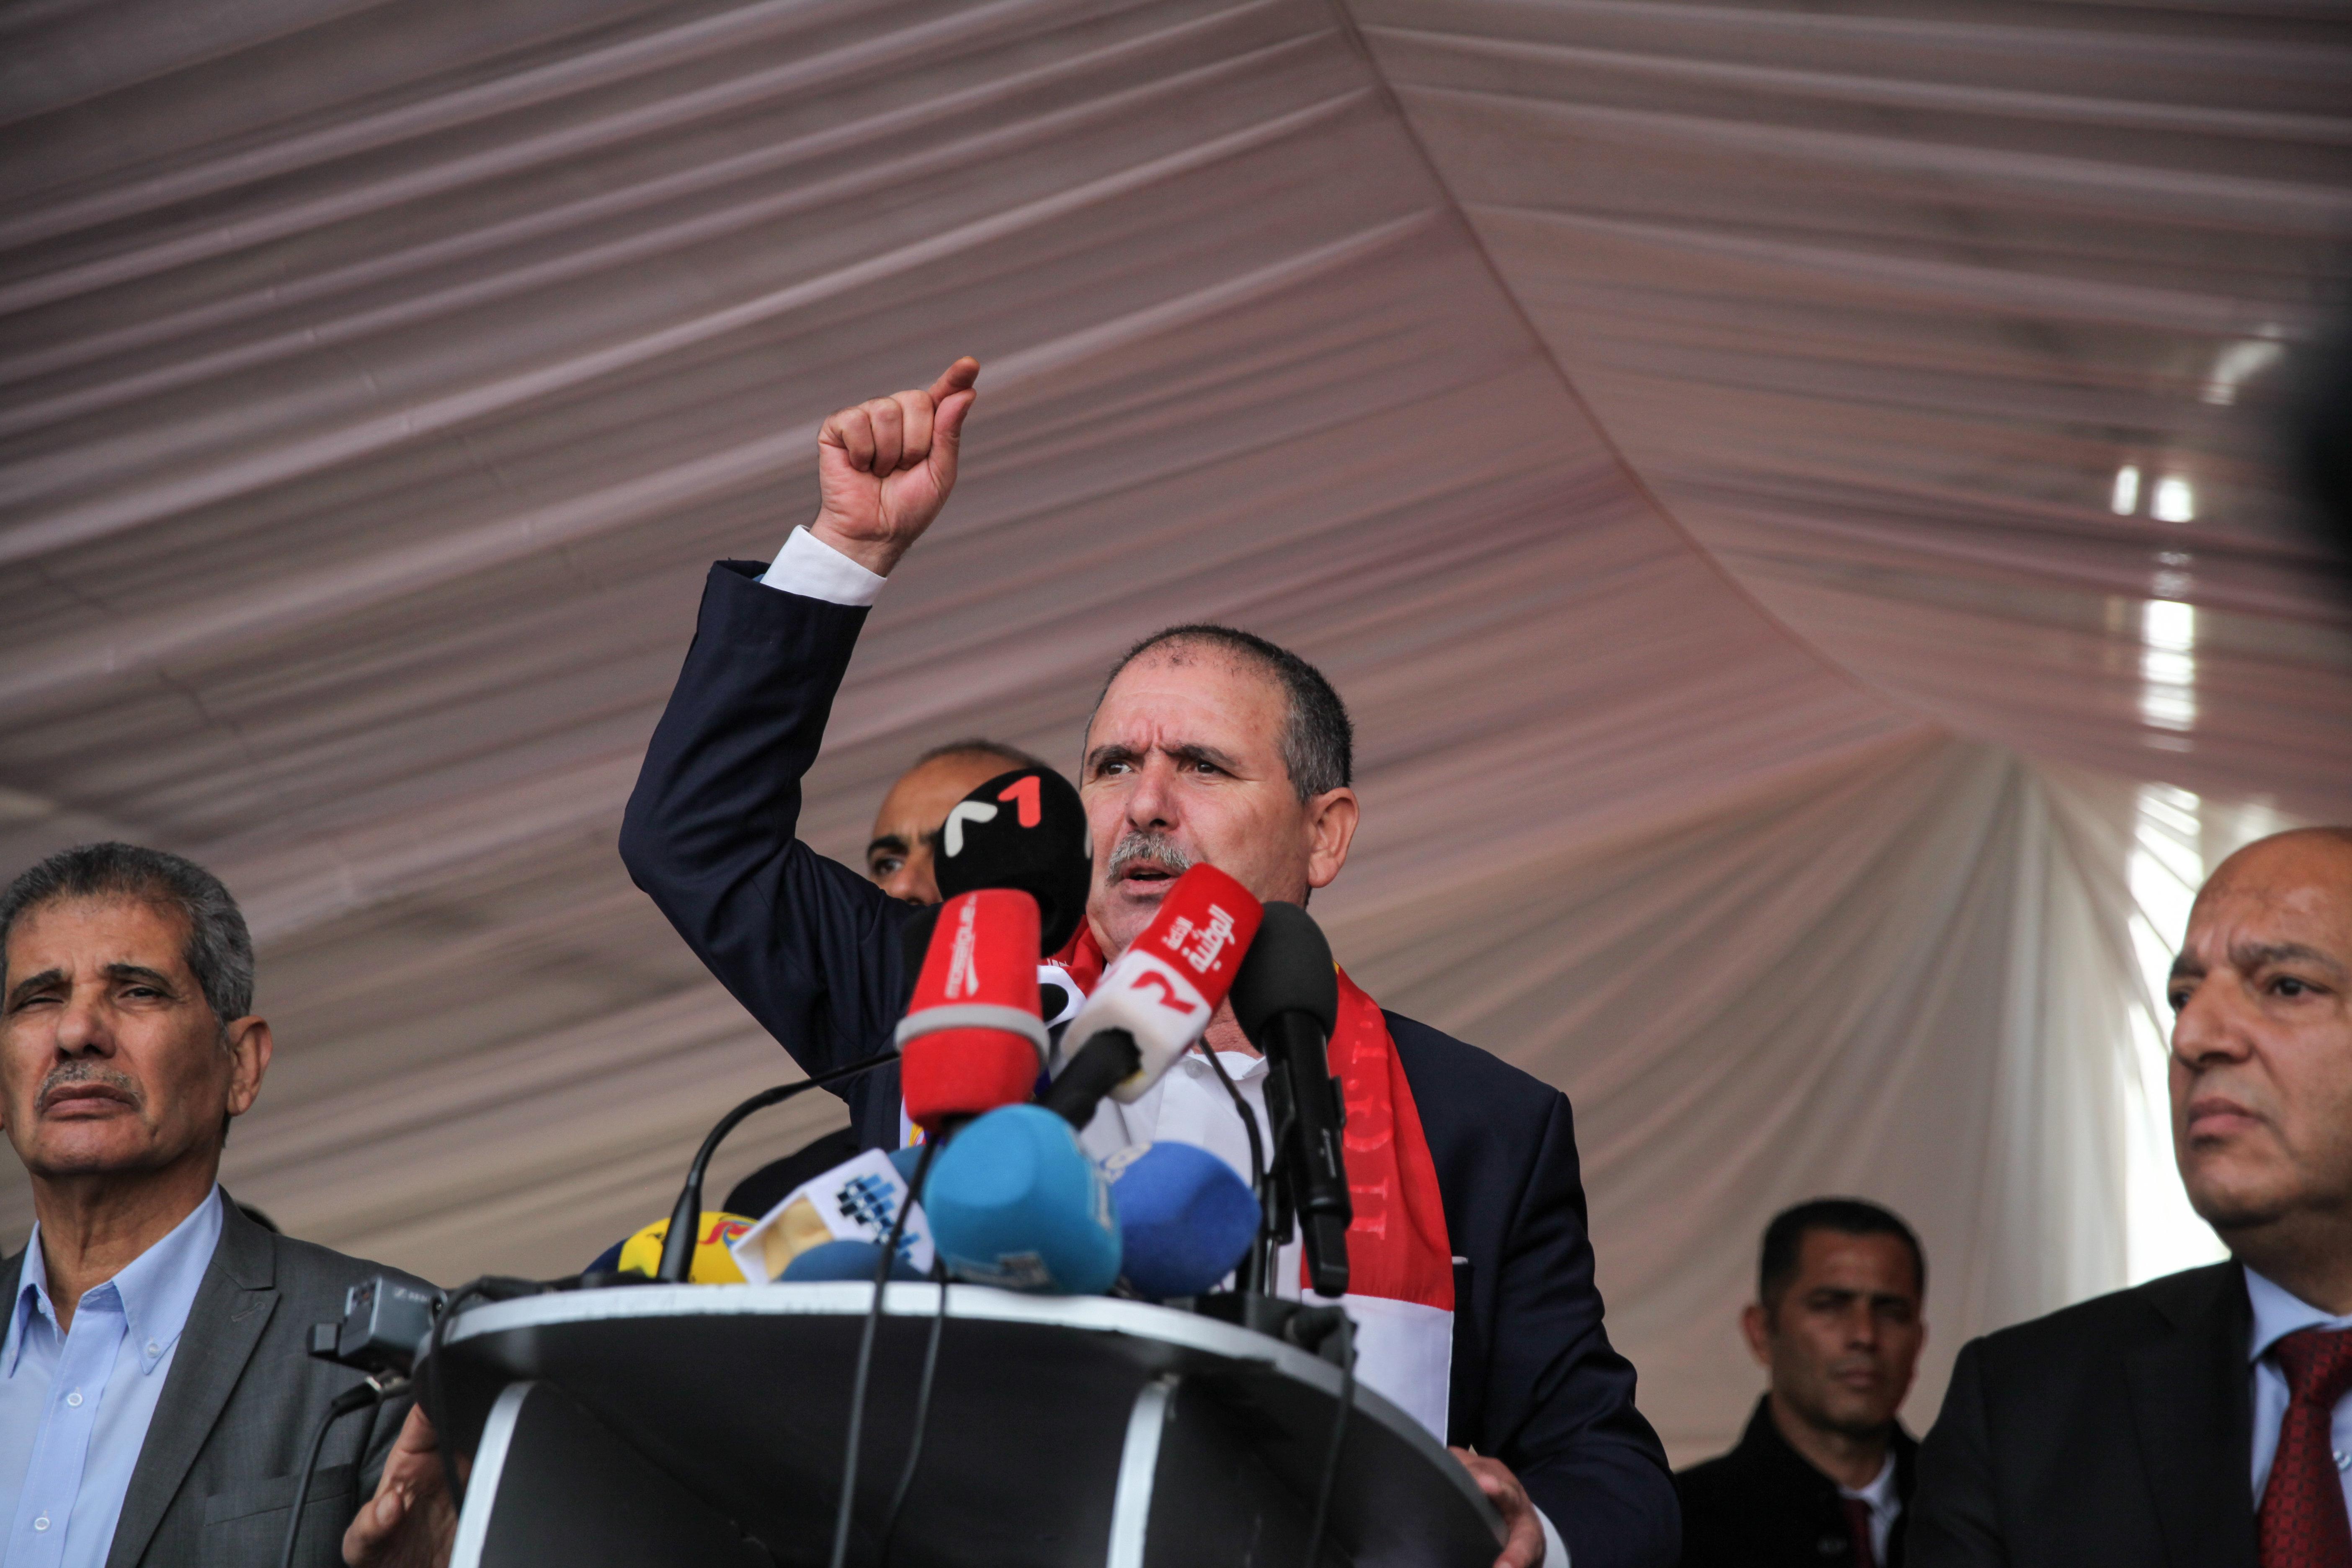 Grève générale du 17 janvier: Les solutions proposées par le gouvernement satisferont-elles